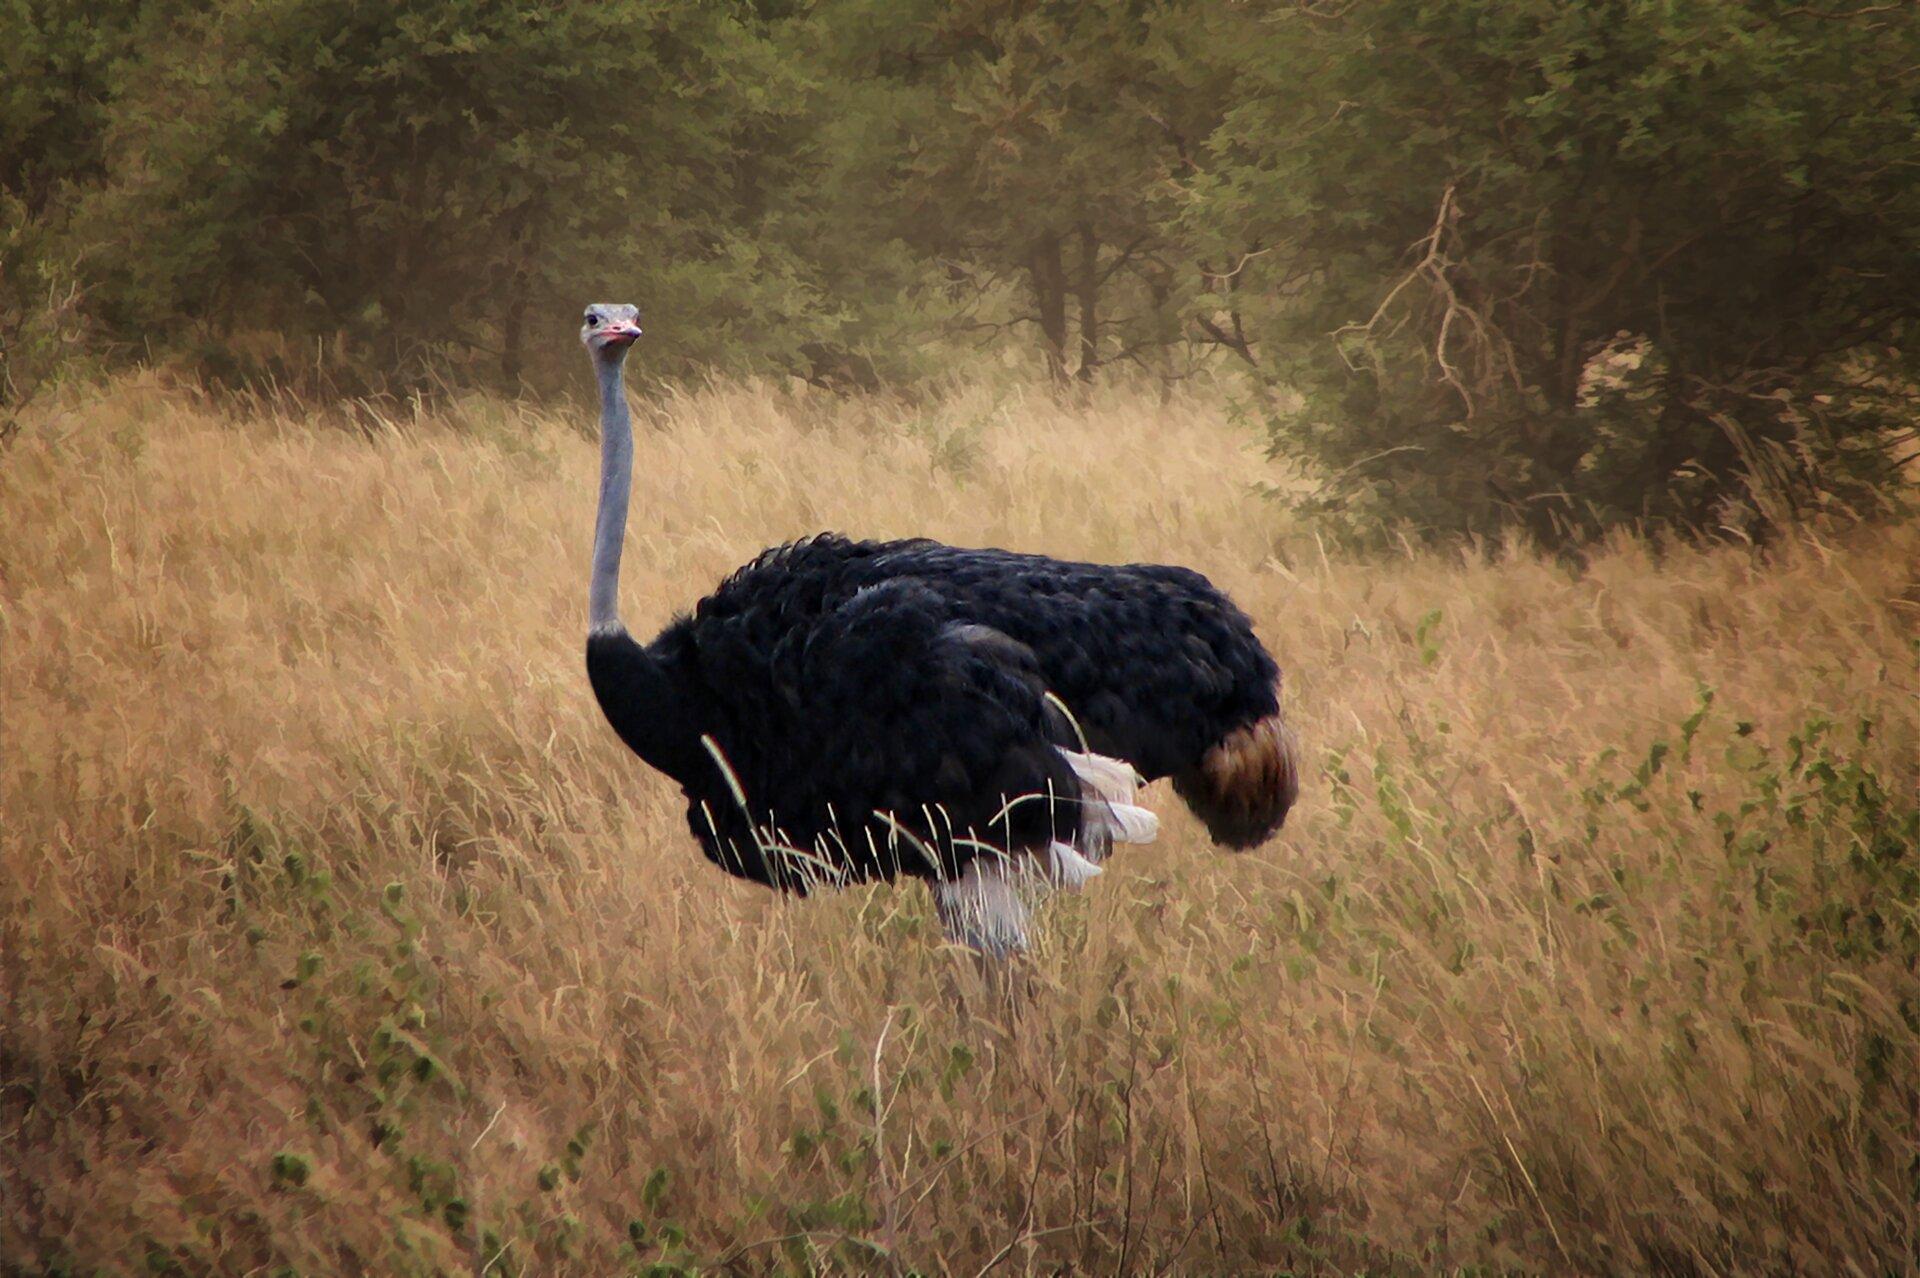 Fotografia przedstawia strusia afrykańskiego na tle zarośli sawanny. Duży ptak idzie wlewo na długich, nieopierzonych nogach. Tułów ze skrzydłami ipoczątek szyi okryte czarnymi piórami. Jedynie przy kuprze ipod skrzydłami pióra są różowe. Długa szara szyja imała głowa okryte puchem, dziób krótki.